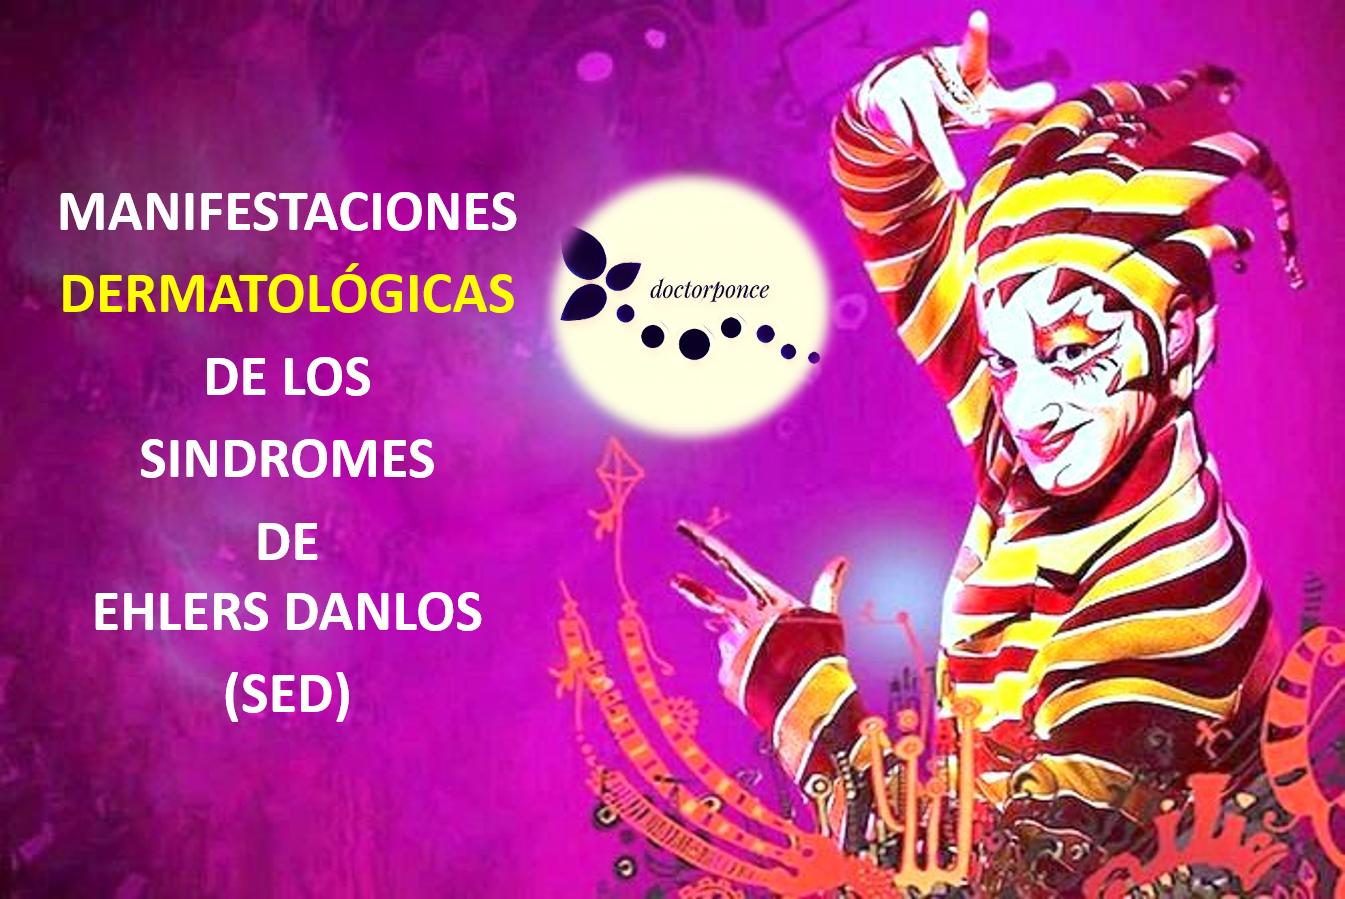 Manifestaciones dermatológicas del síndrome de Ehlers danlos